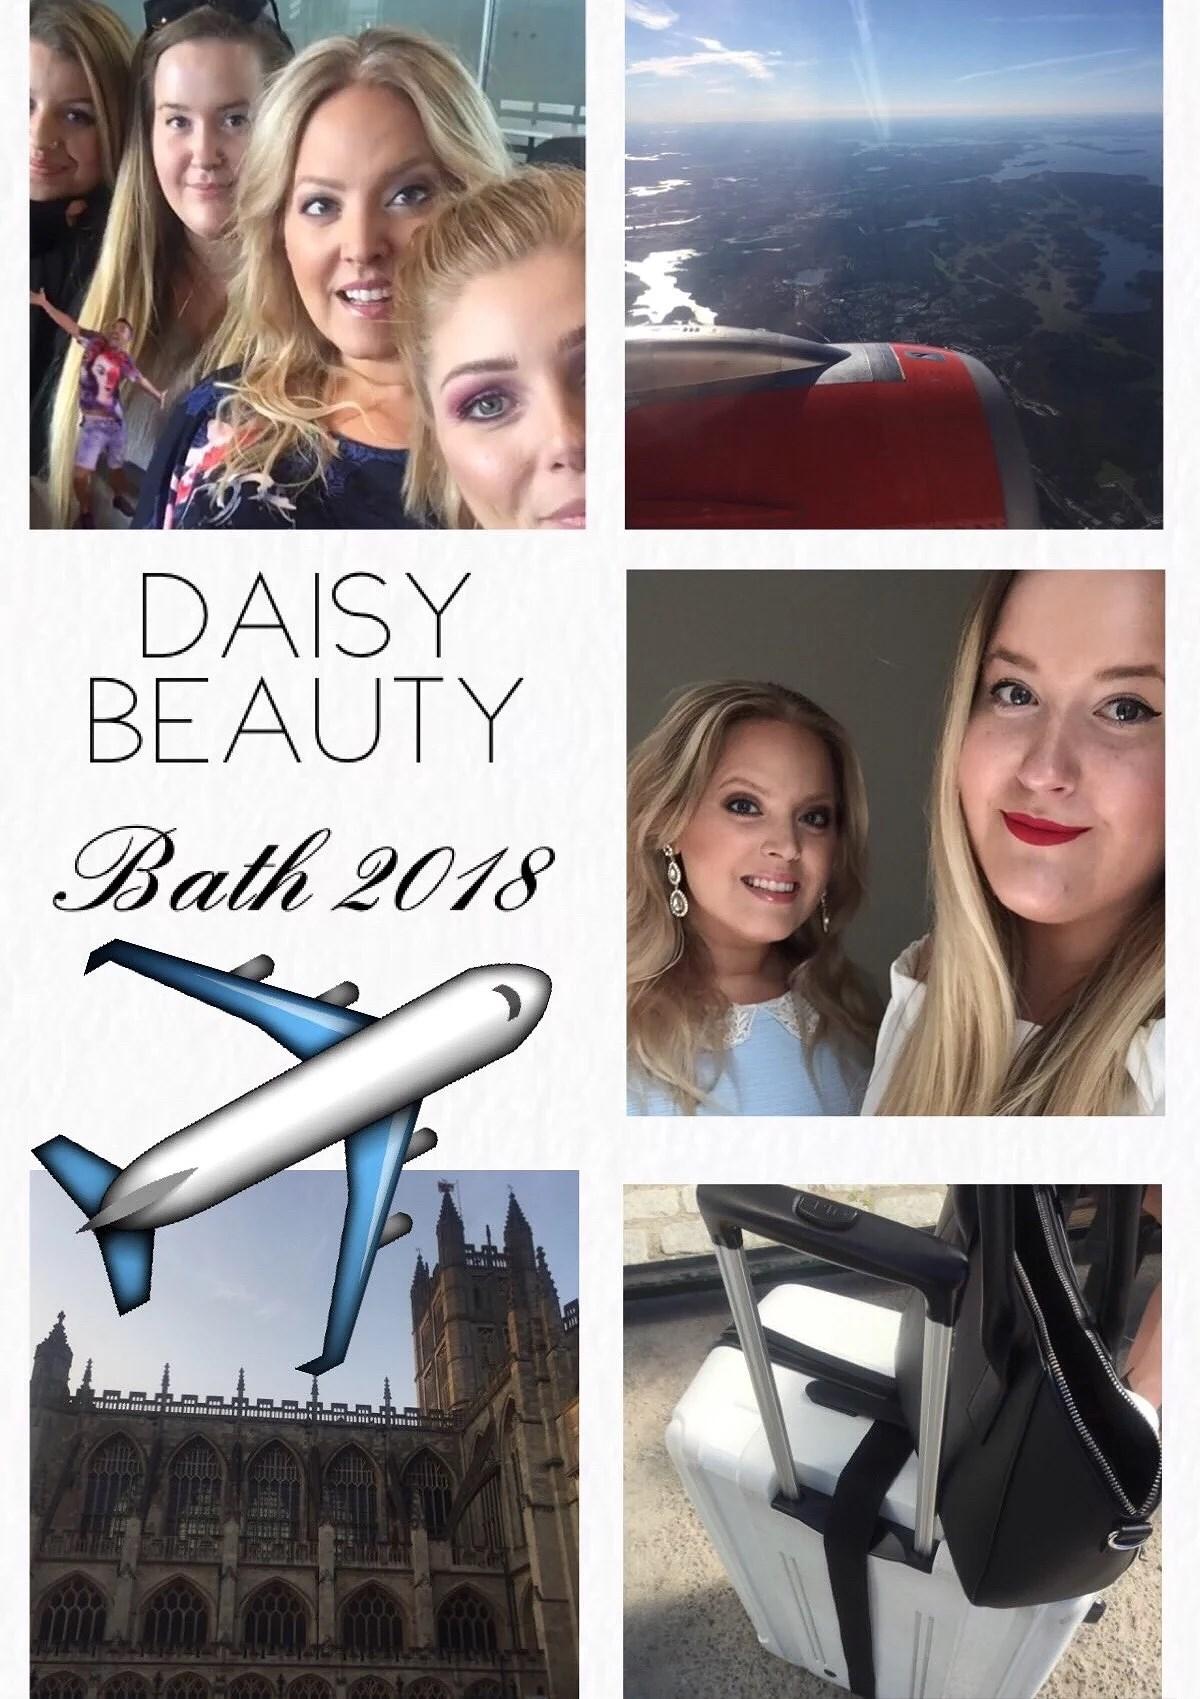 daisy beauty bath 2018